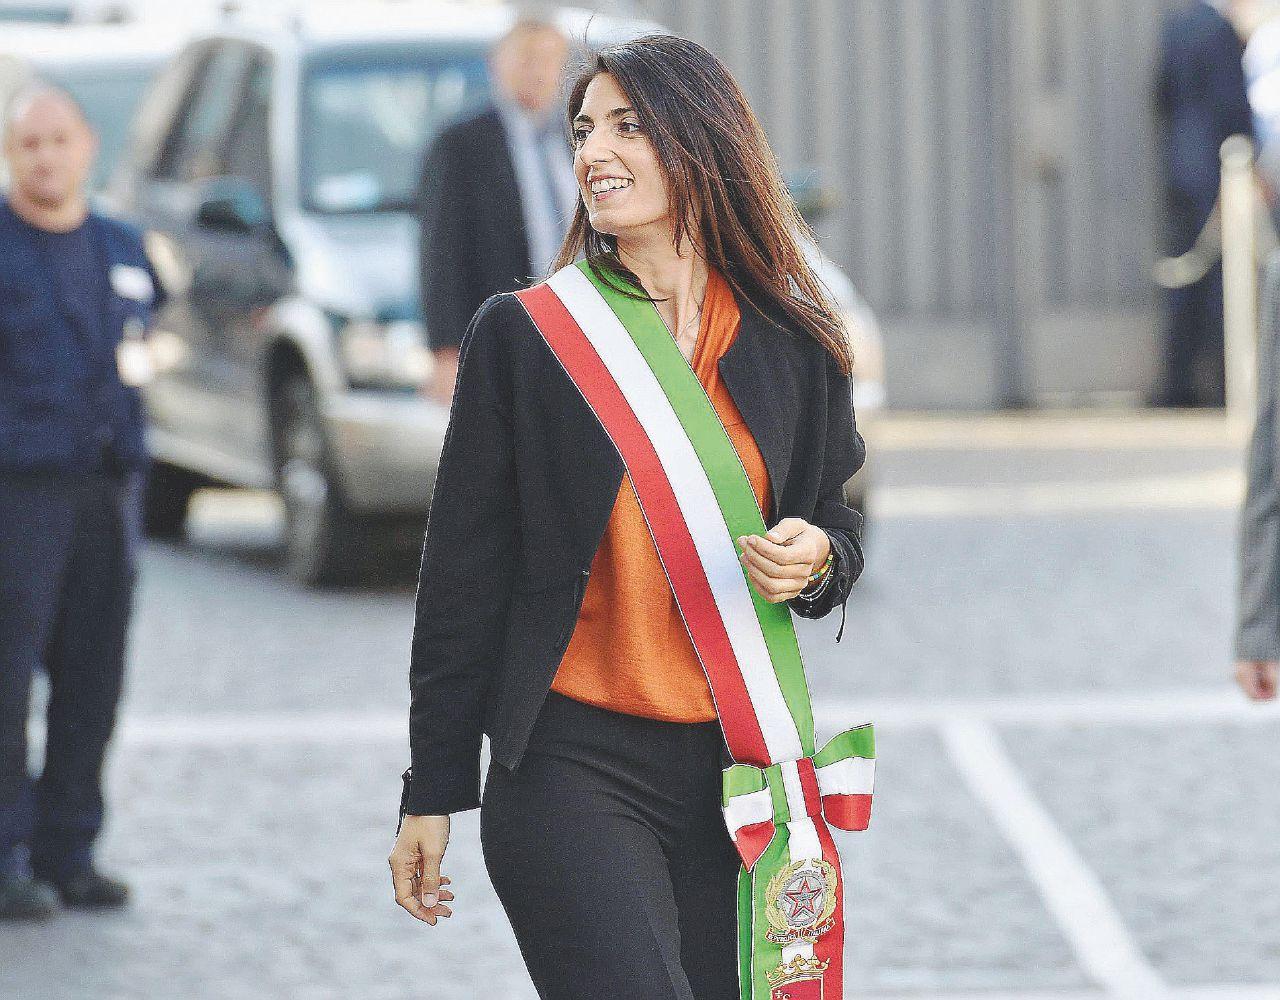 In Edicola sul Fatto Quotidiano del 1 ottobre: Virginia Raggi – Intervista alla sindaca di Roma sui primi 3 mesi di fuoco